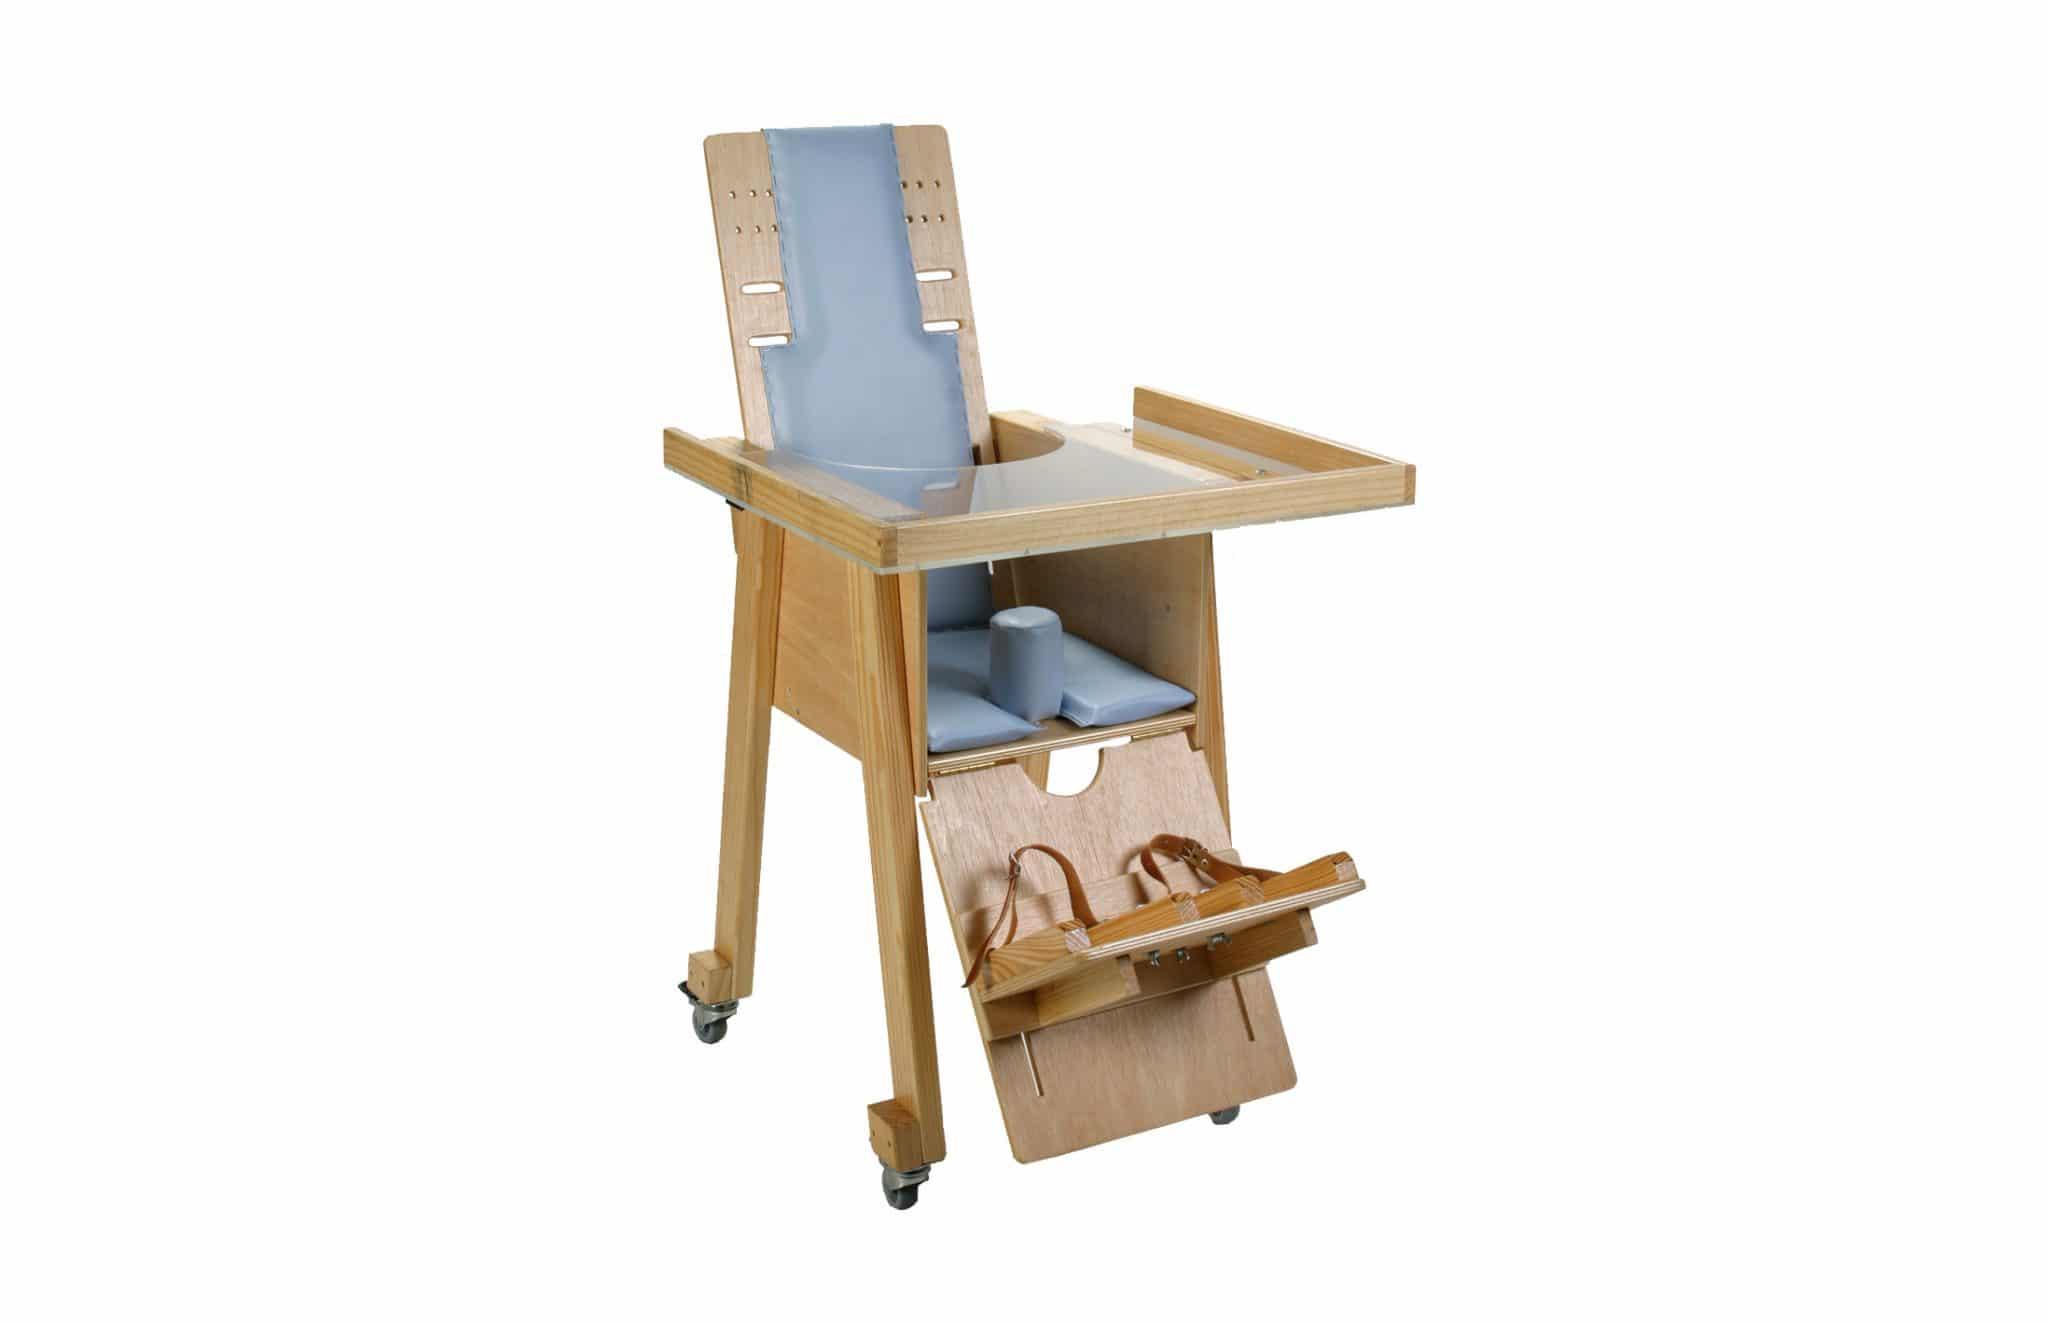 Cadeira de atividades Simba da Orthos XXI ideal para posicionamento sentado de crianças sem grandes deformidades. Possui encosto reclinável e tabuleiro.